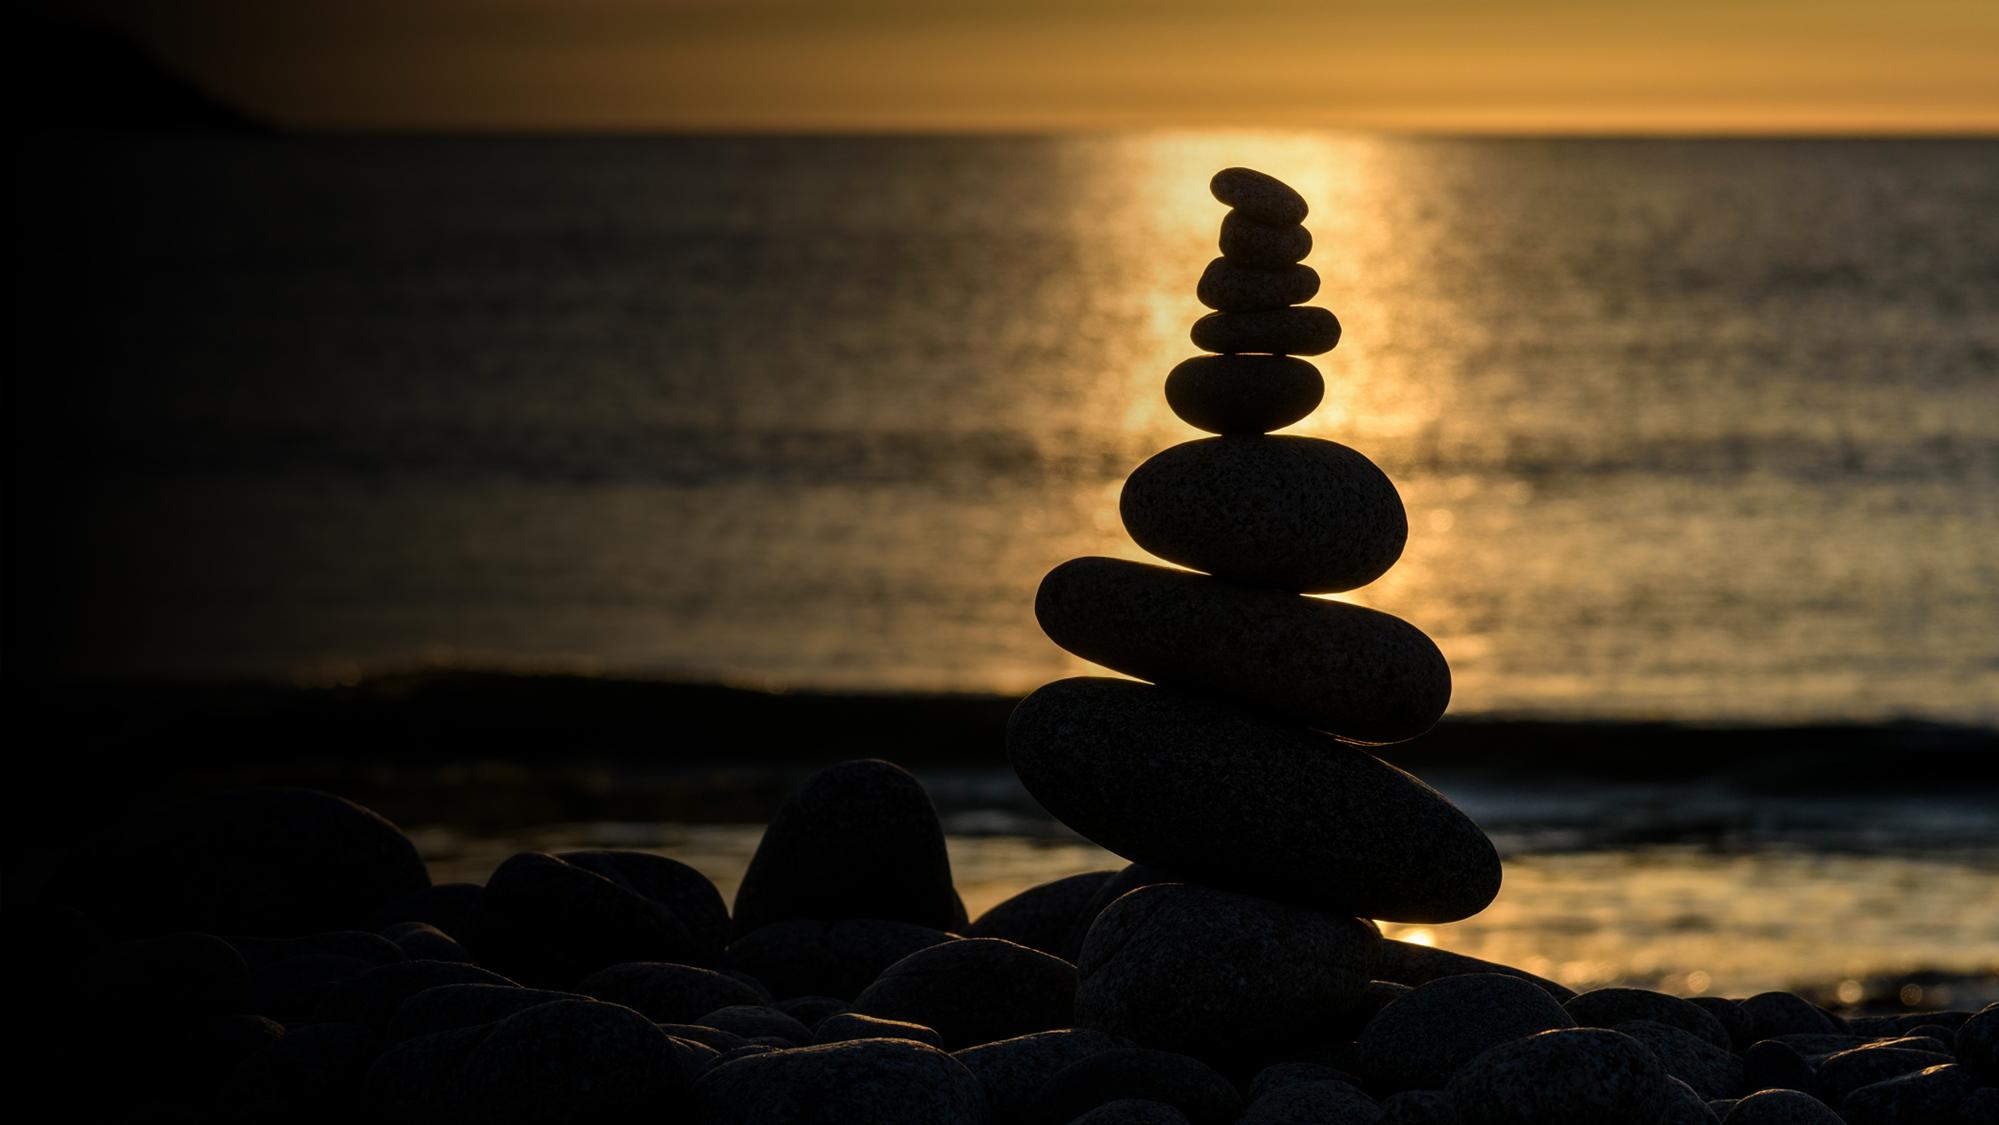 WellBEINGS: Looking Beyond Health & Wellness